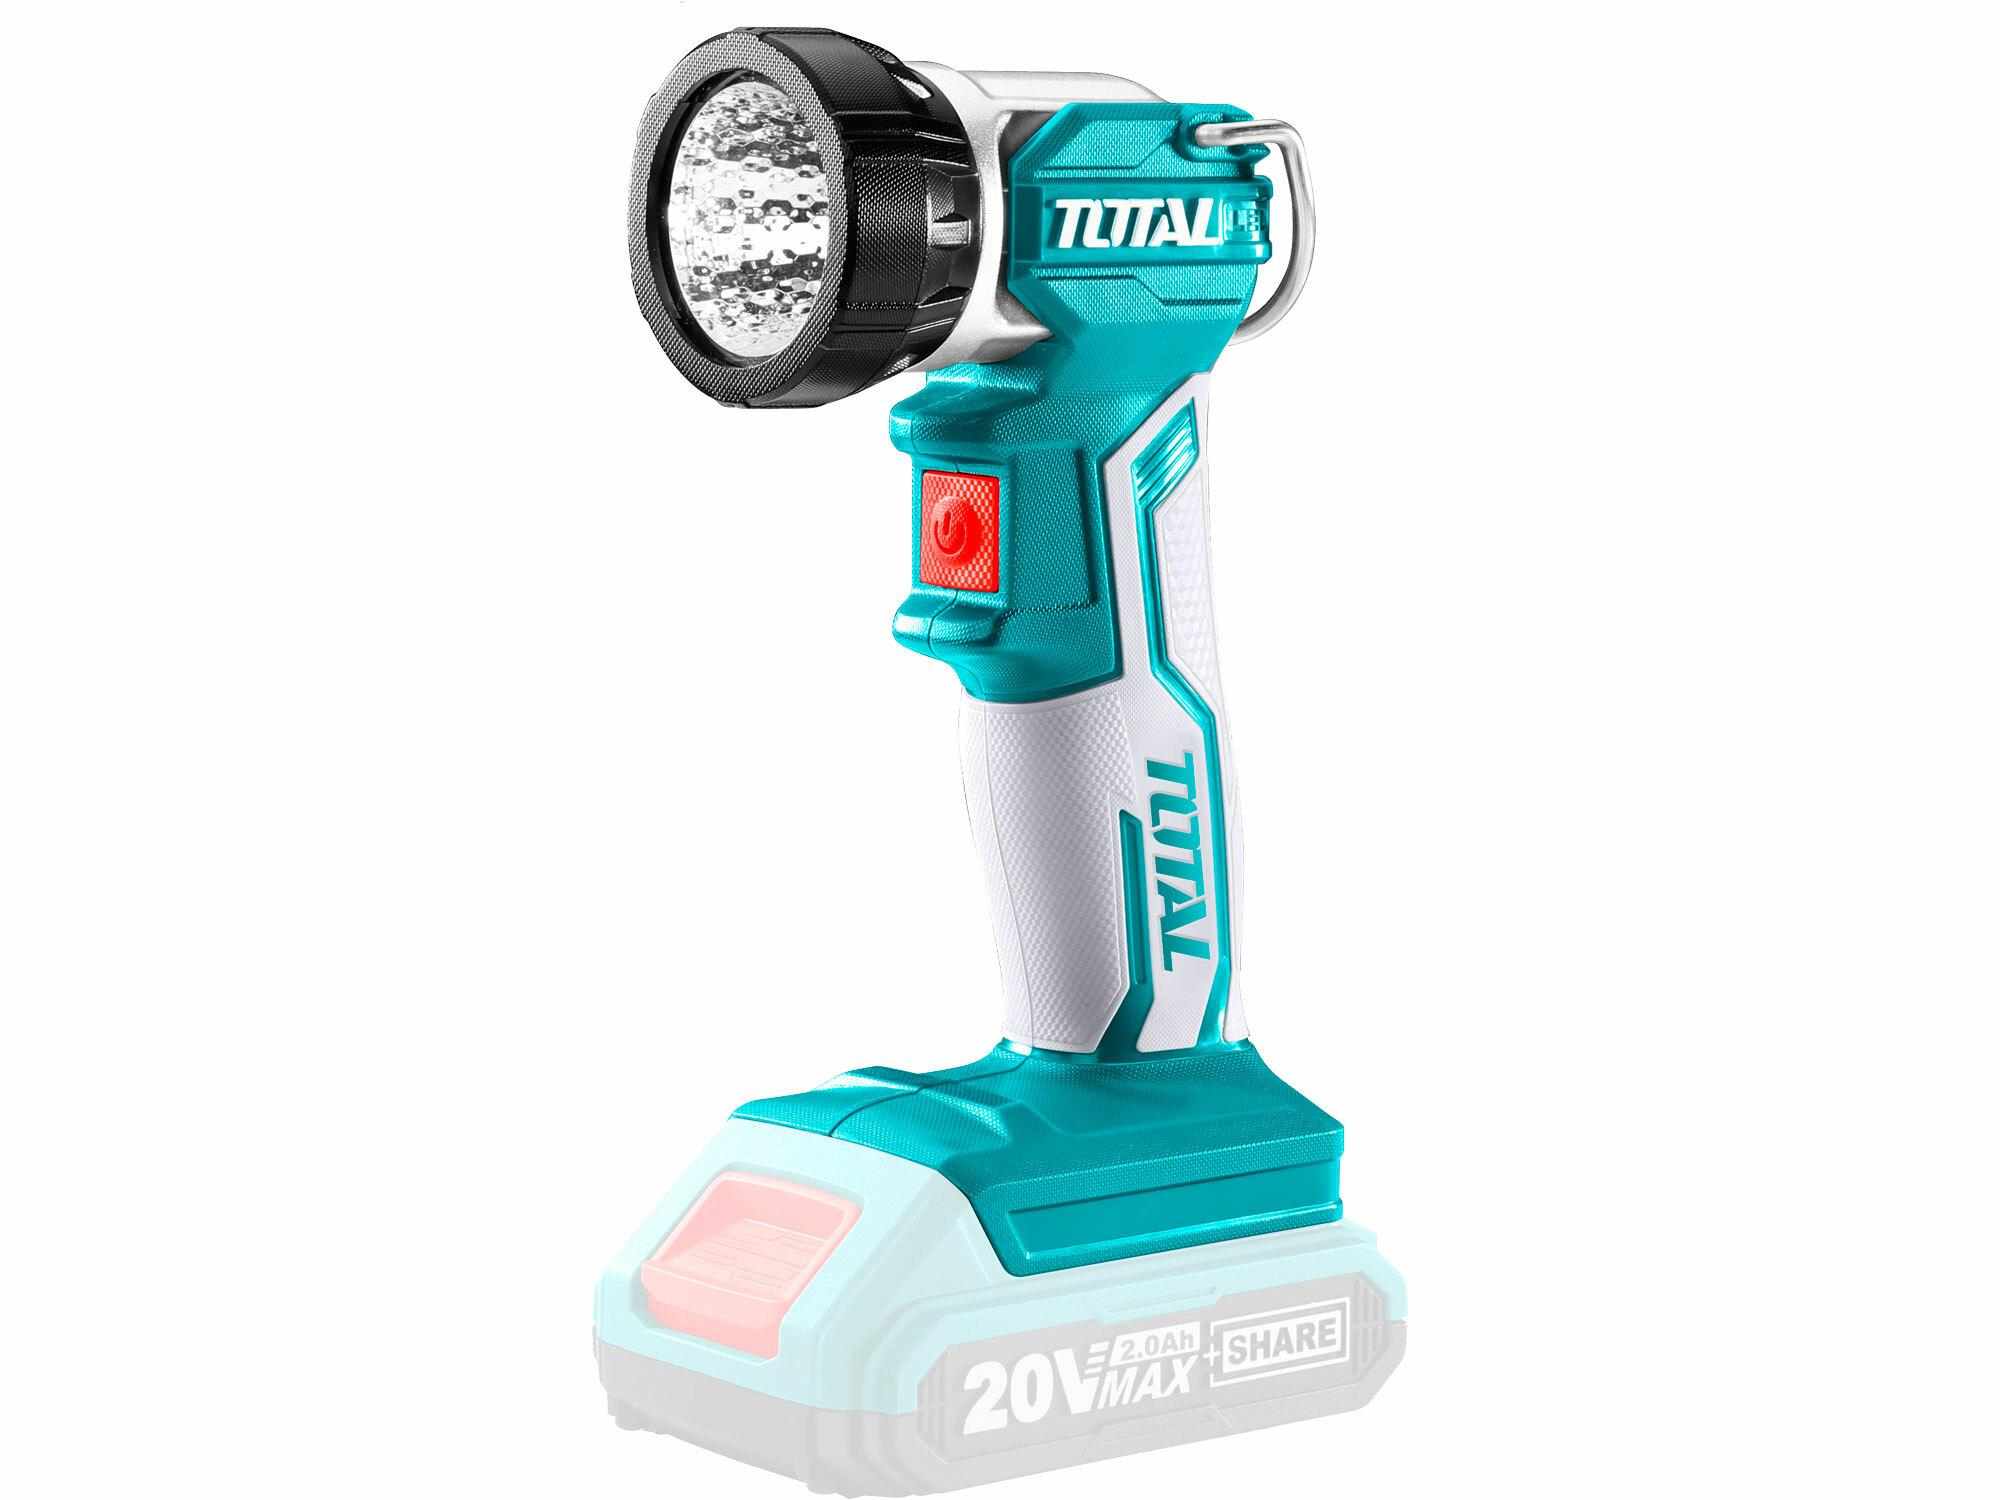 Světlo pracovní závěsné, 20V Li-ion, 2000mAh, industrial - bez baterie a nabíječky TOTAL-TOOLS